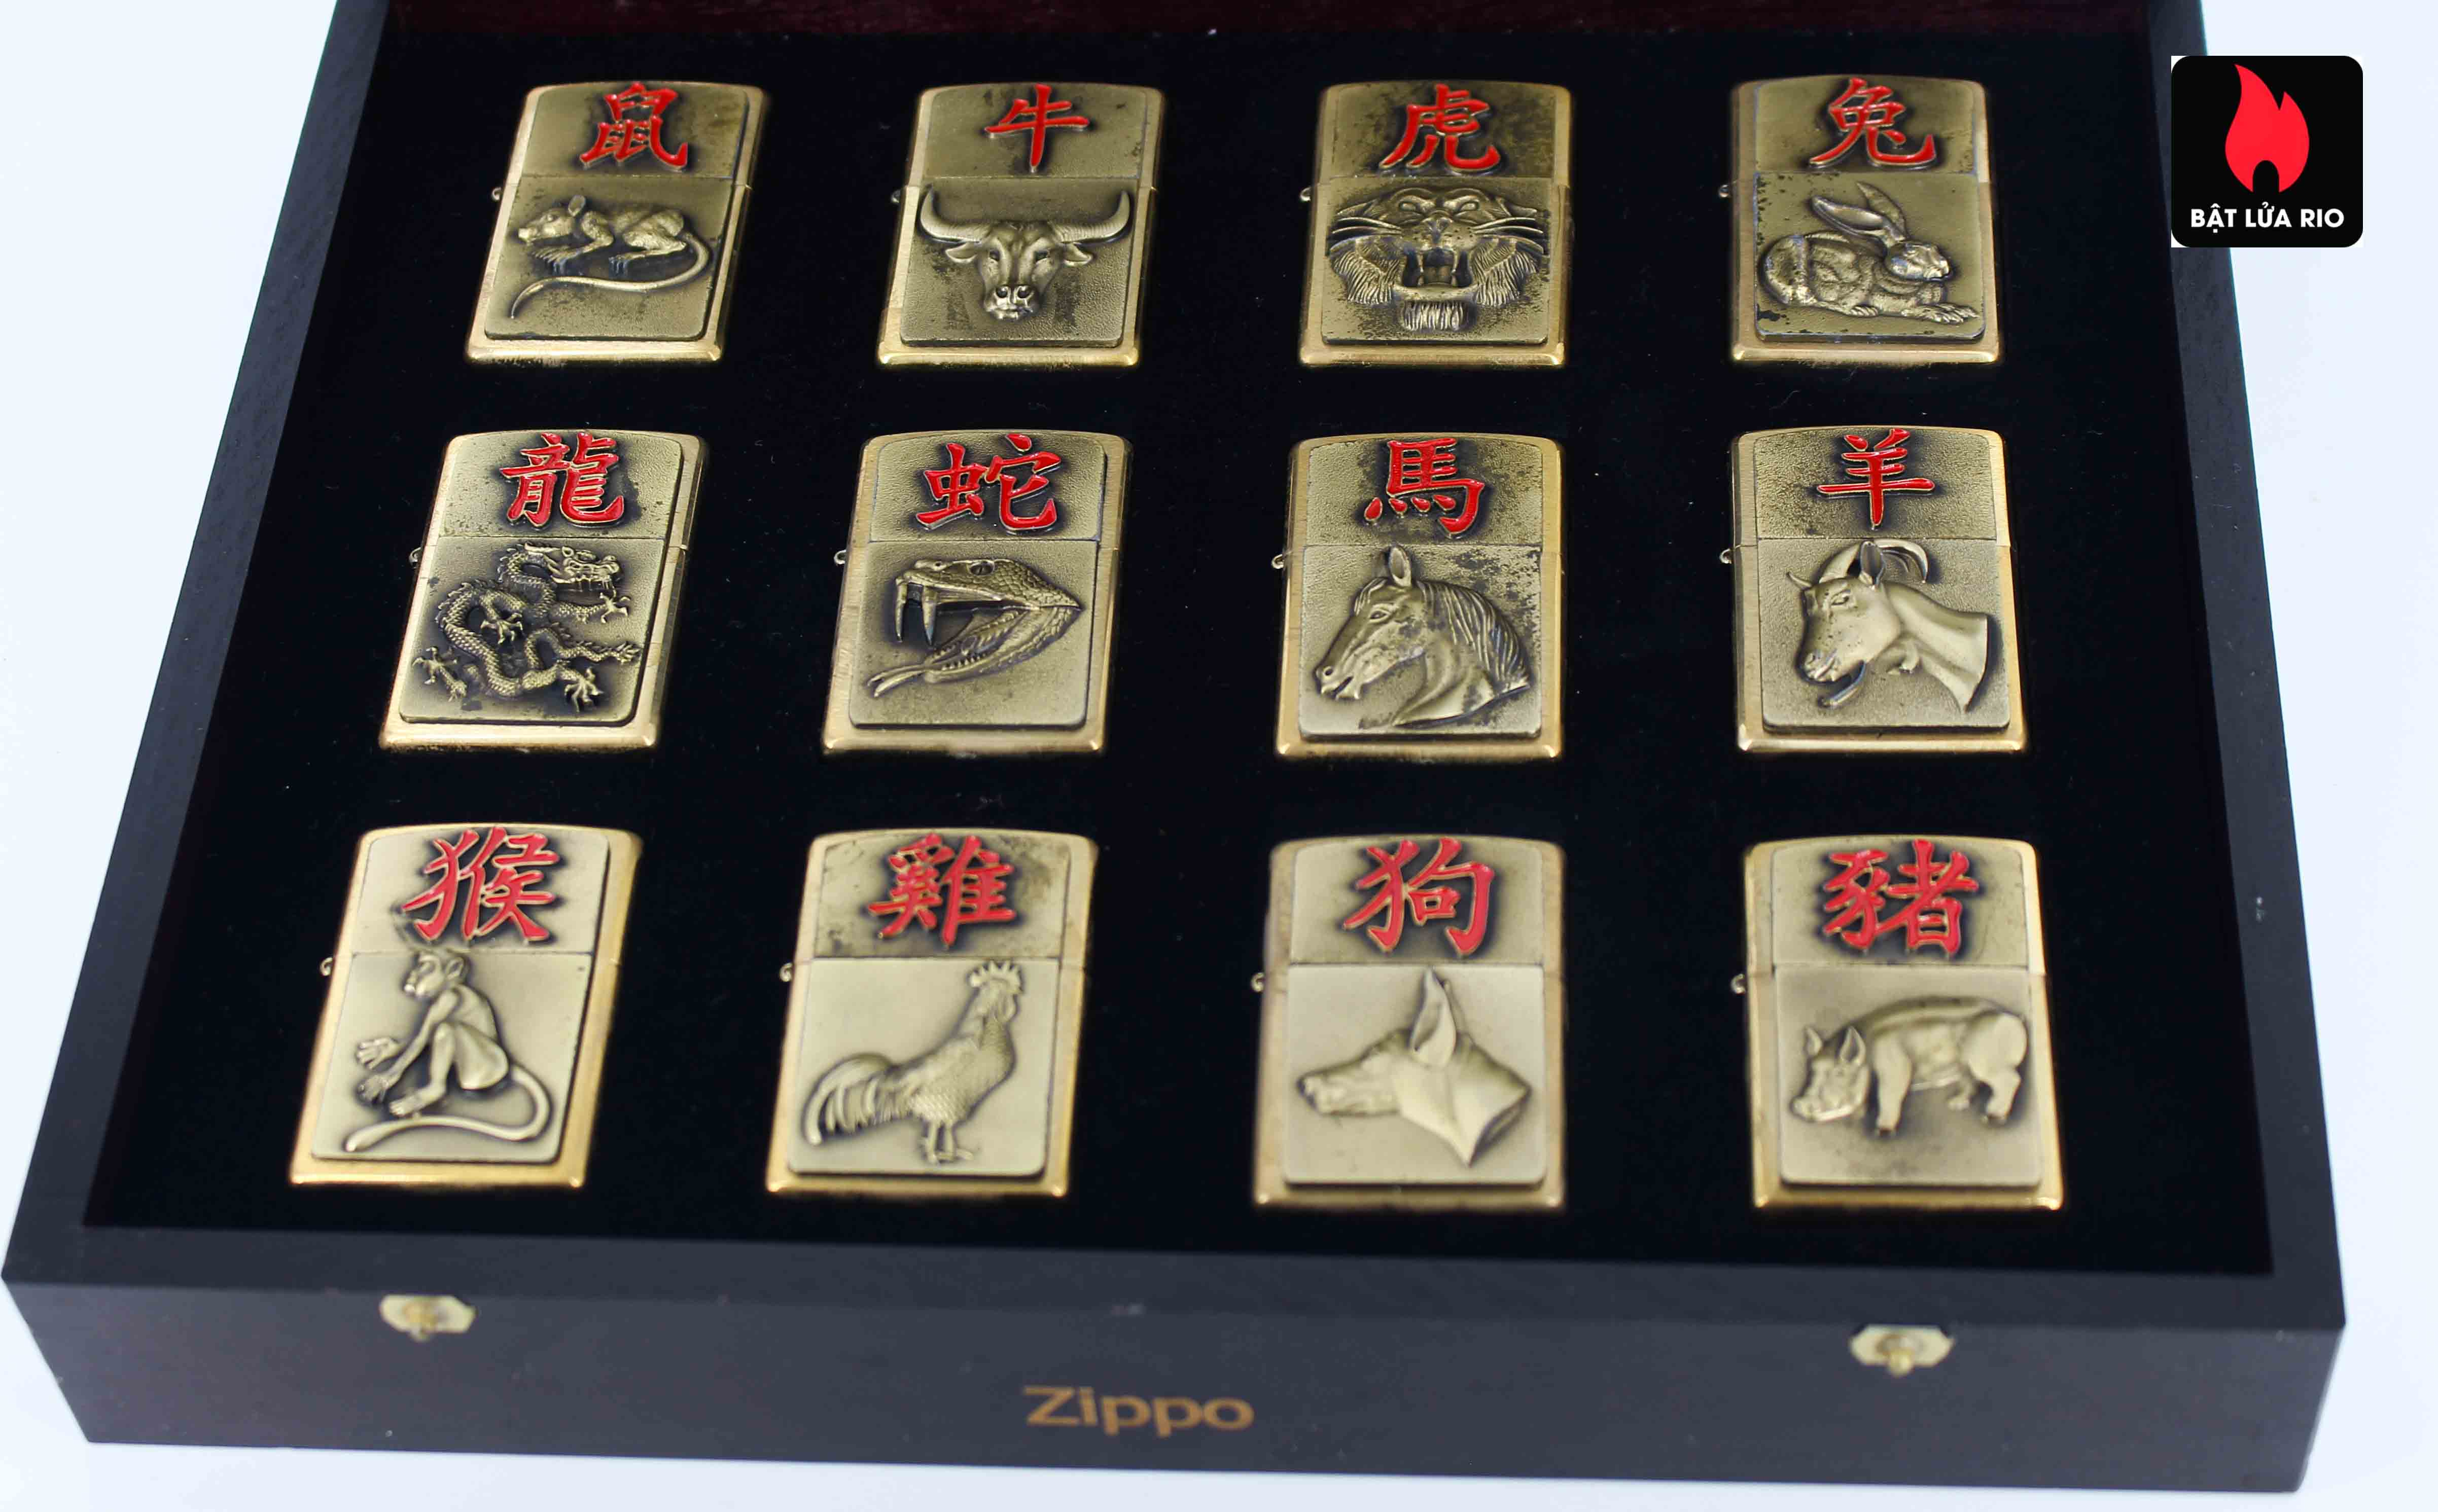 Zippo Set 2015 - Chinese Zodiac - 12 Con Giáp Châu Á 12